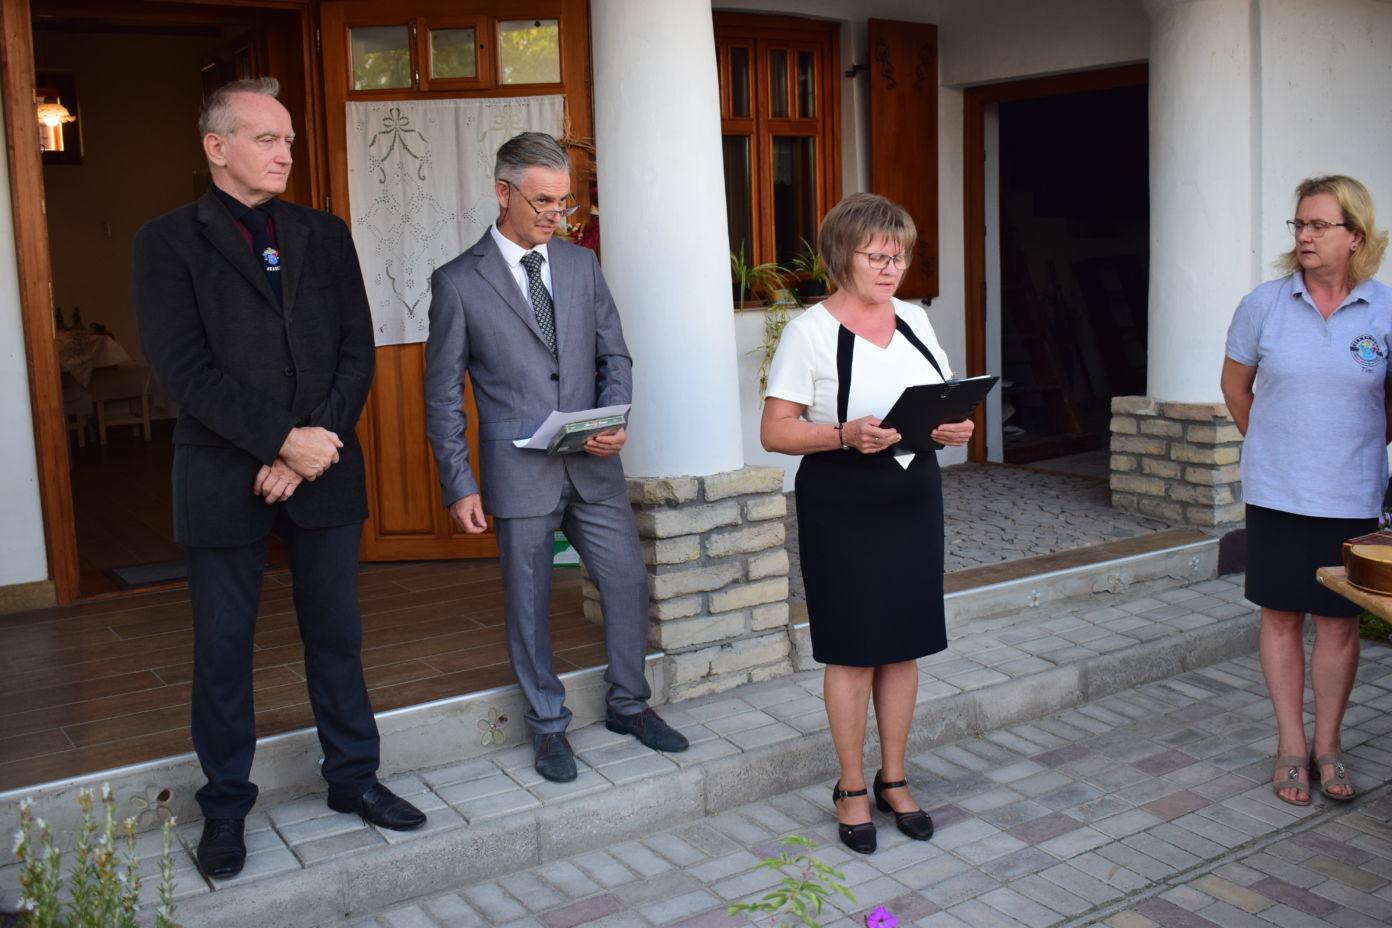 Kiállításmegnyitóval vette kezdetét az Akasztói Kisasszony-napi Búcsú